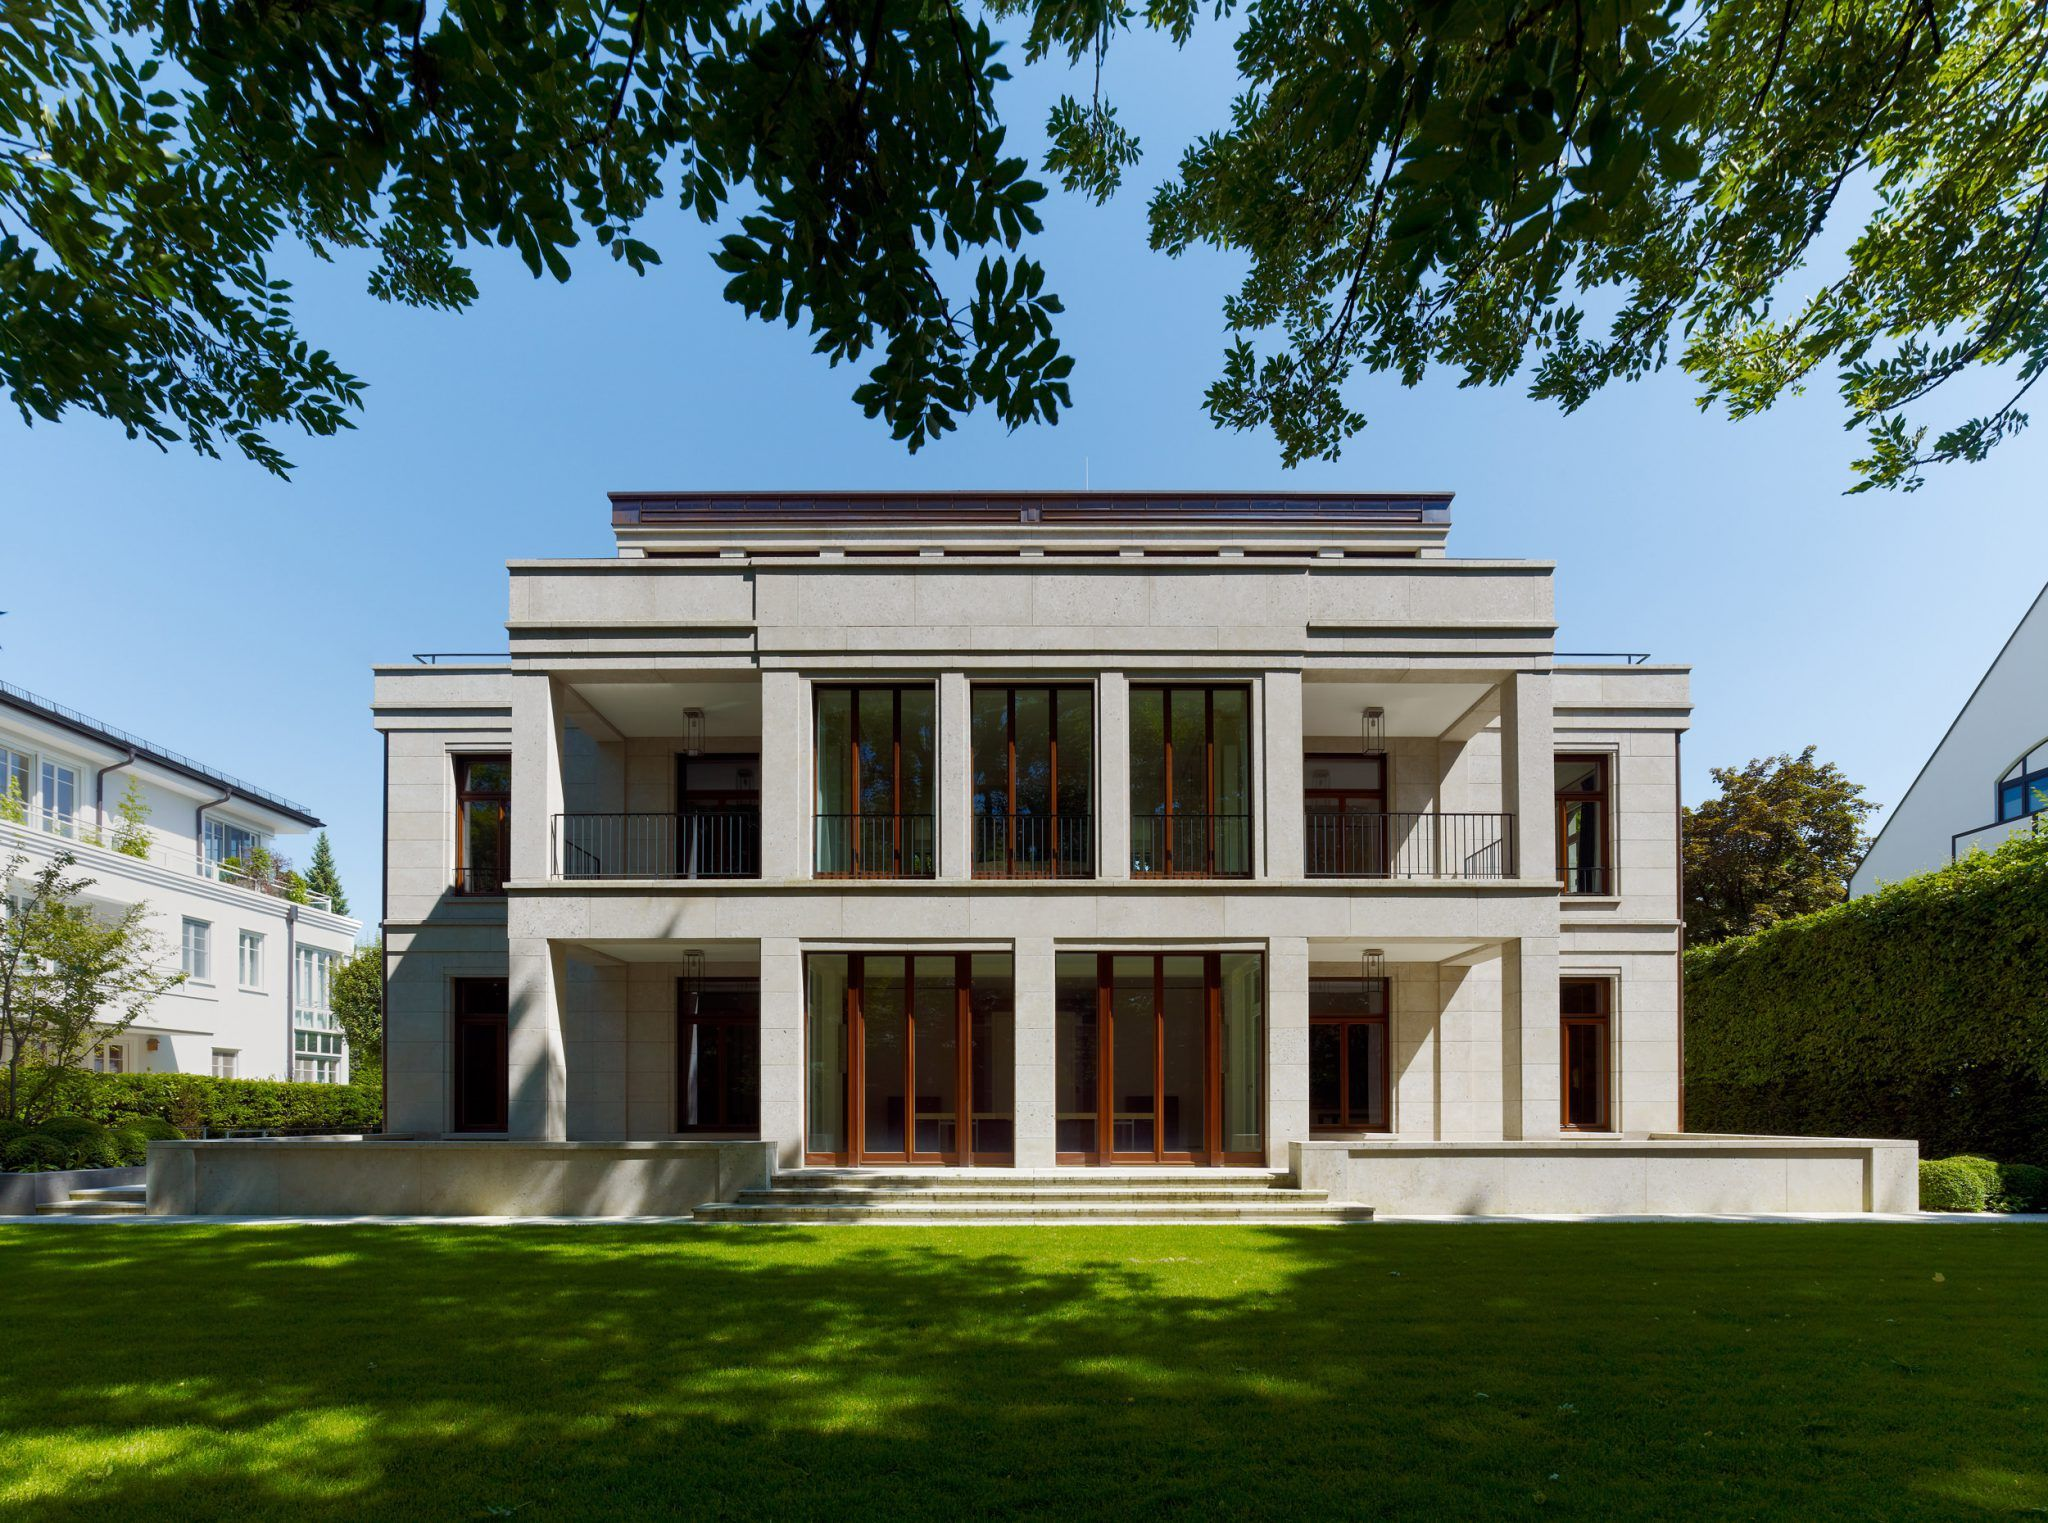 Haus r kahlfeldt architekten postmodern pinterest for Minimalistisches haus grundriss